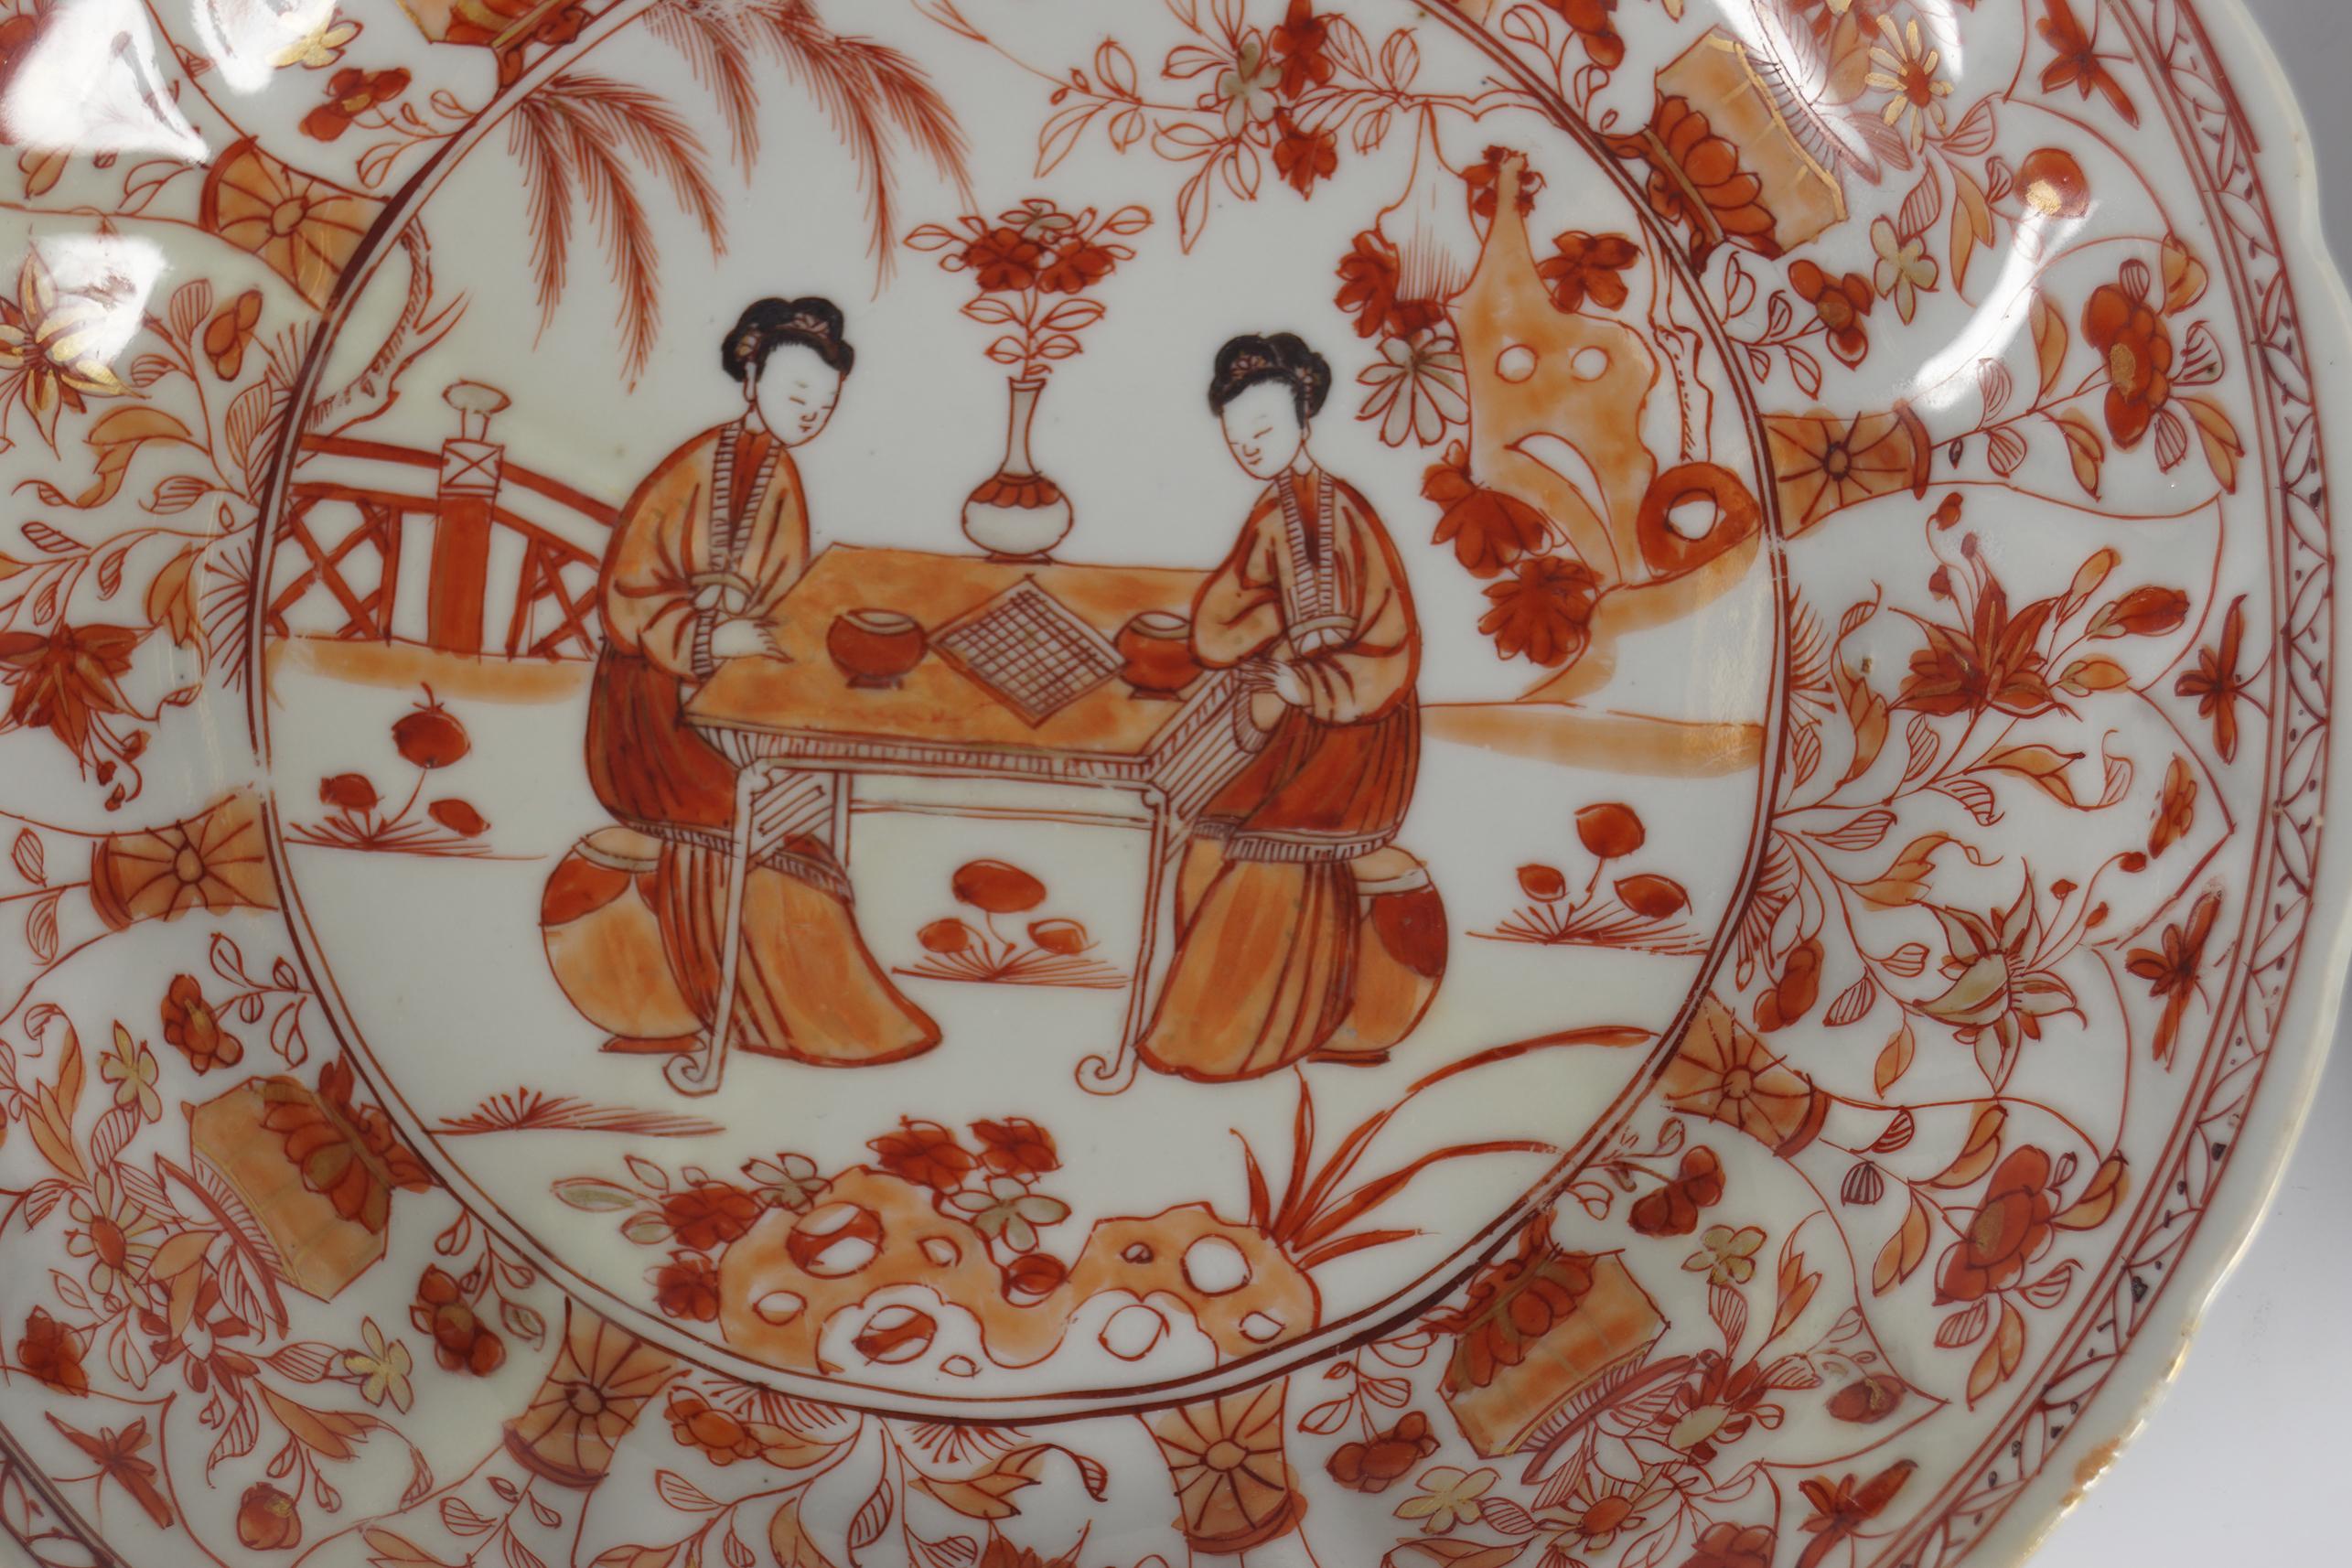 PAIR OF CHINESE KANGXI PLATES - Image 2 of 4